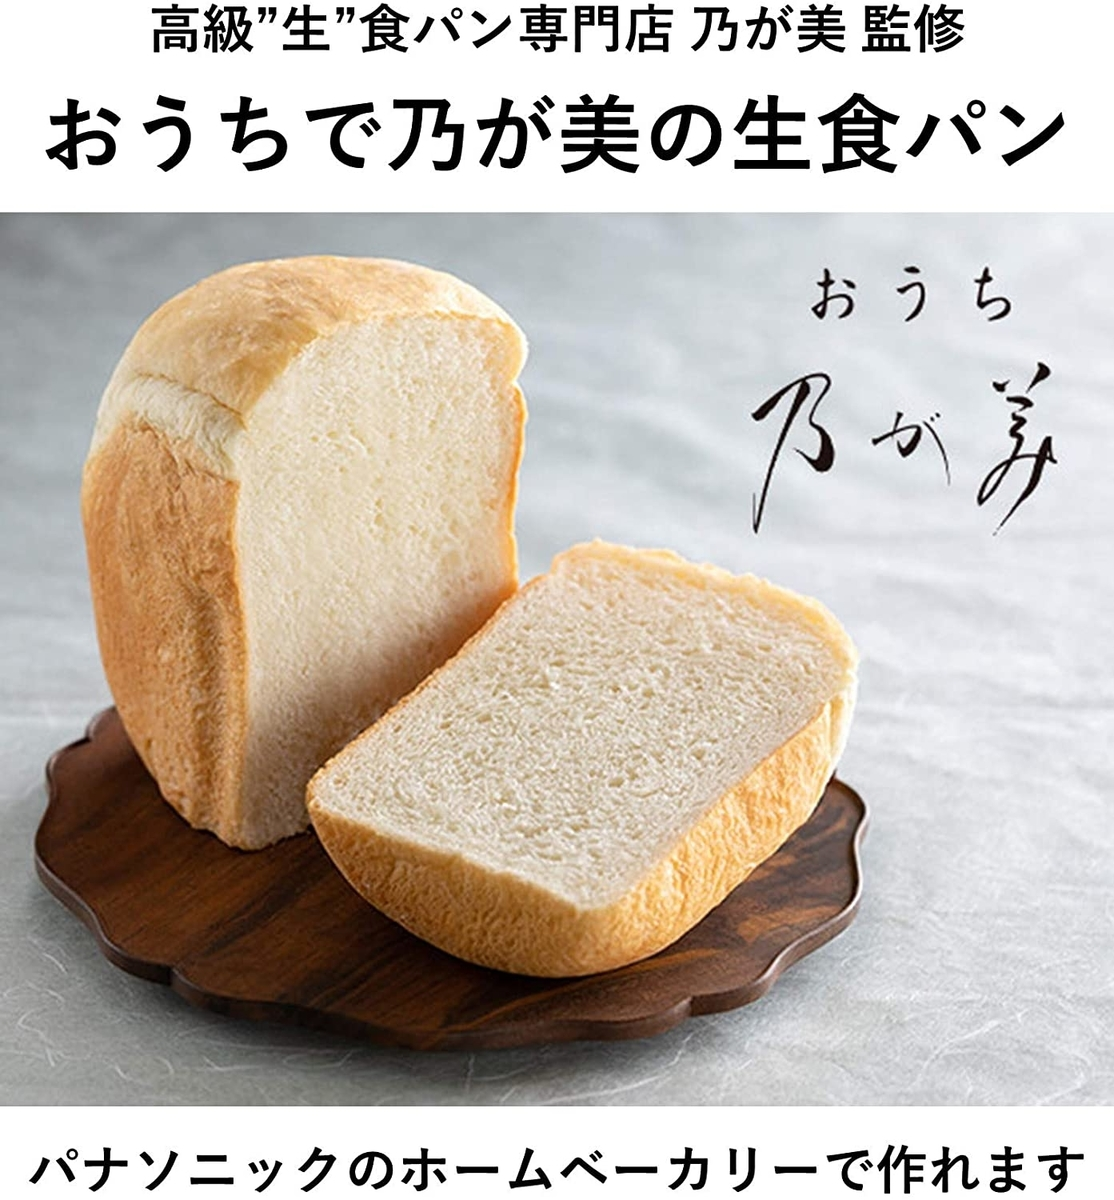 f:id:haruki8282:20210105130336j:plain